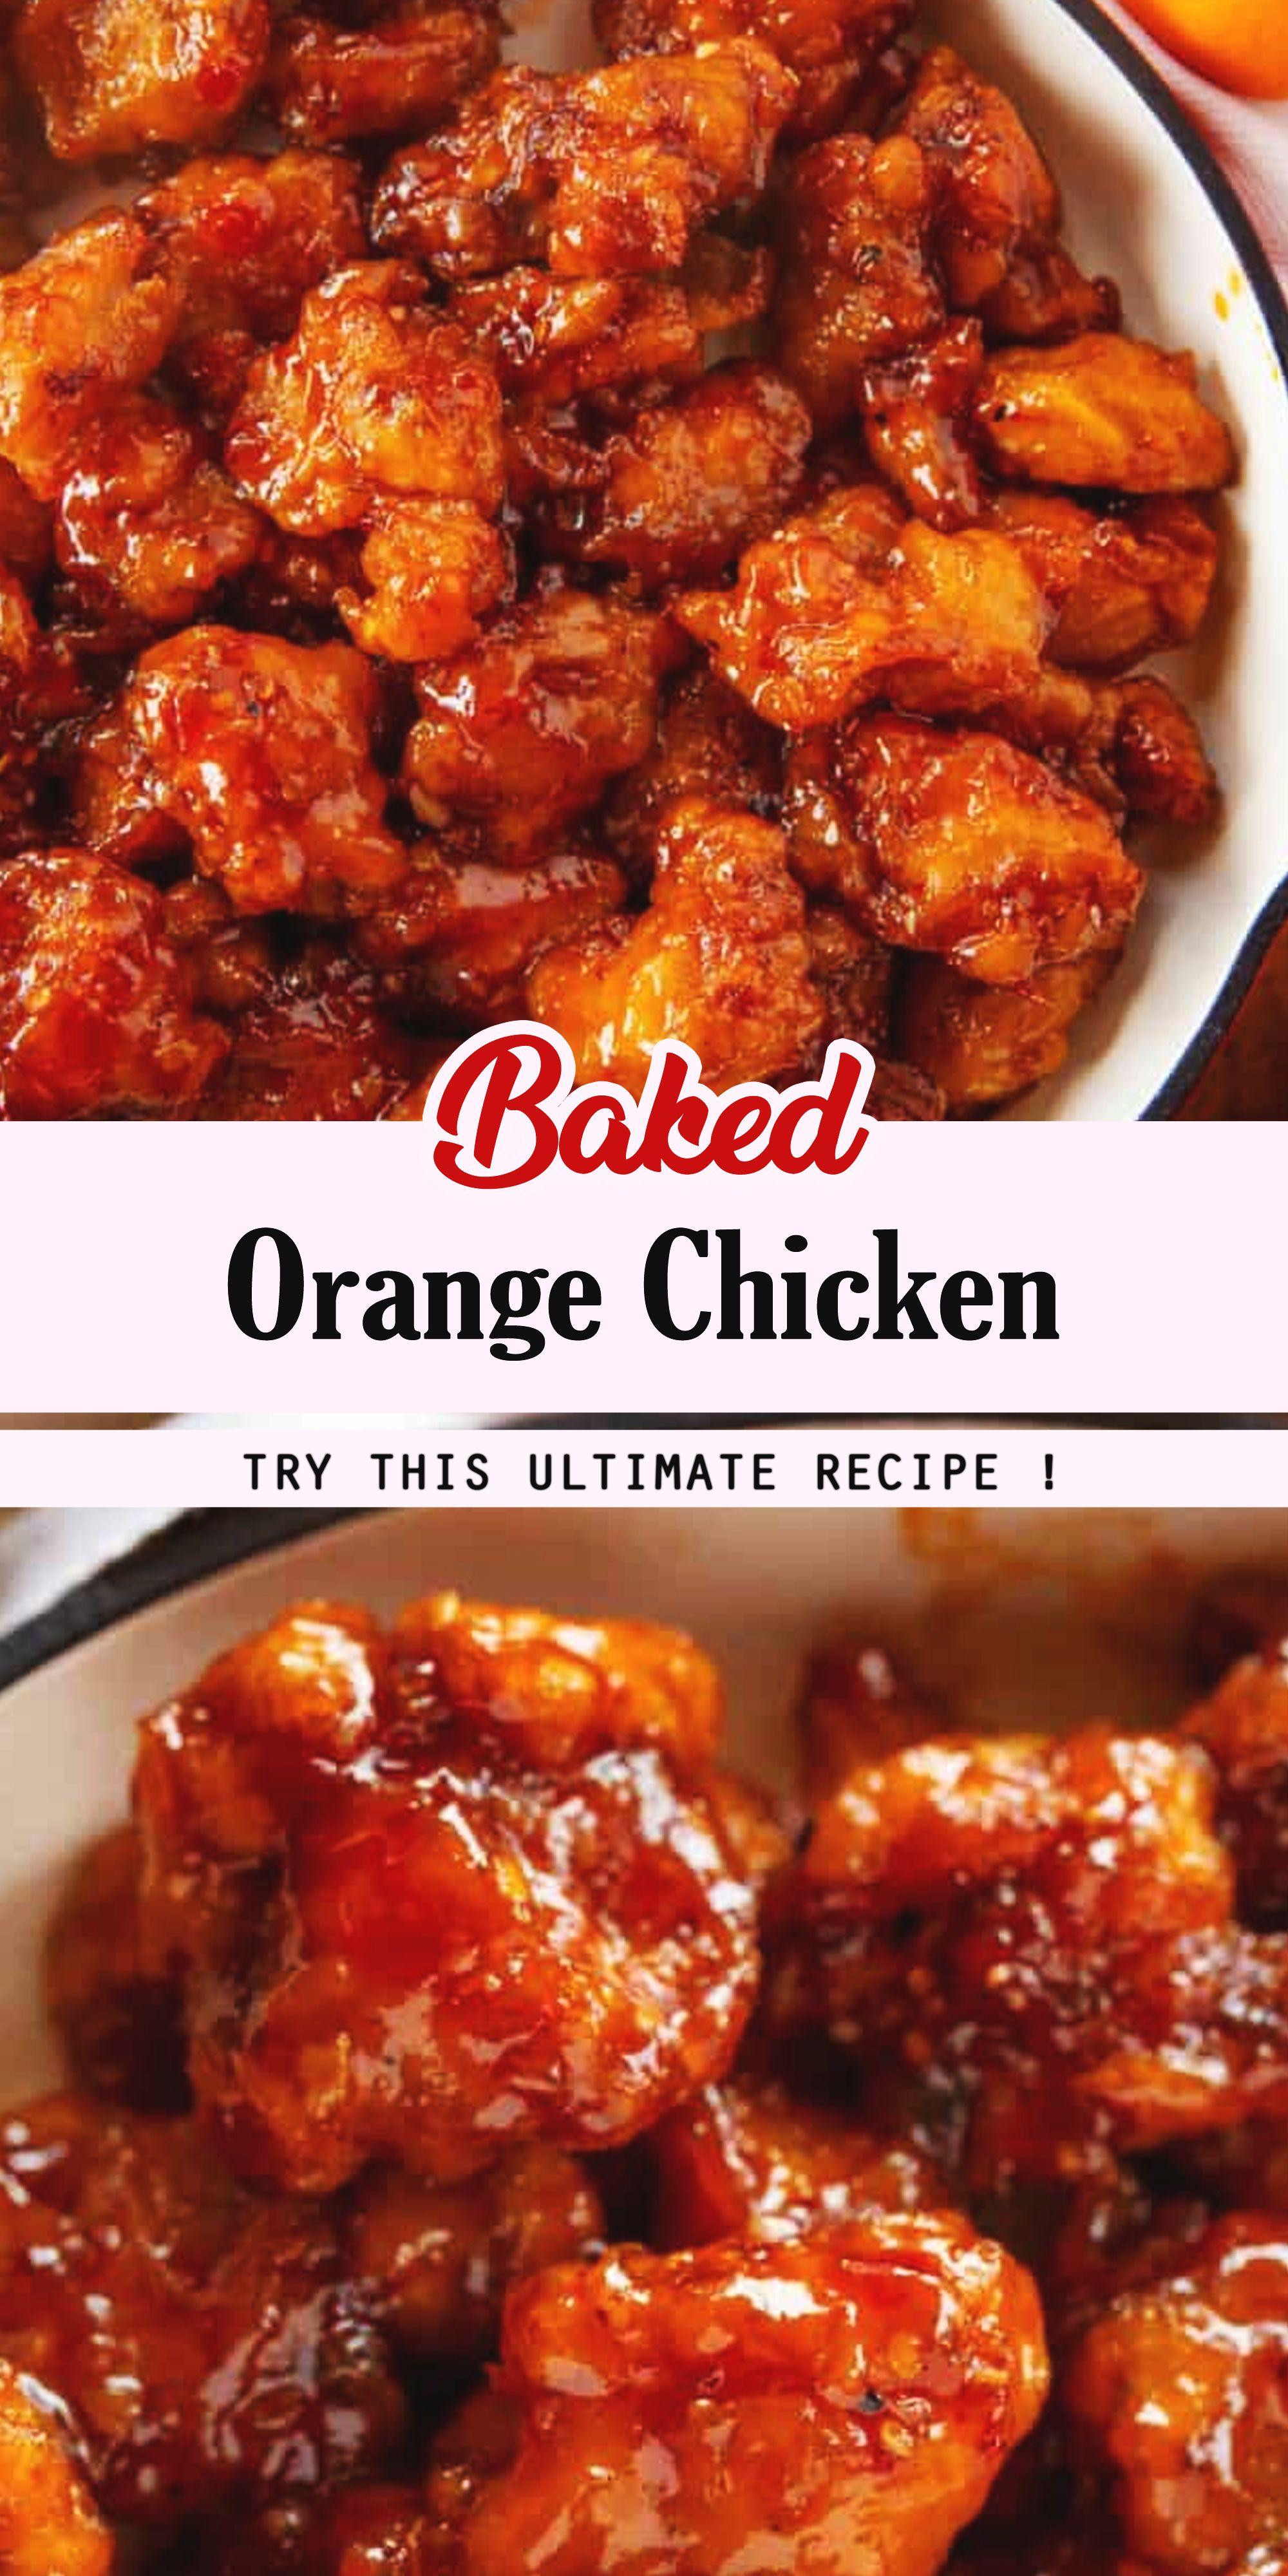 Baked Orange Chicken in 2020 | Chicken recipe easy quick ...